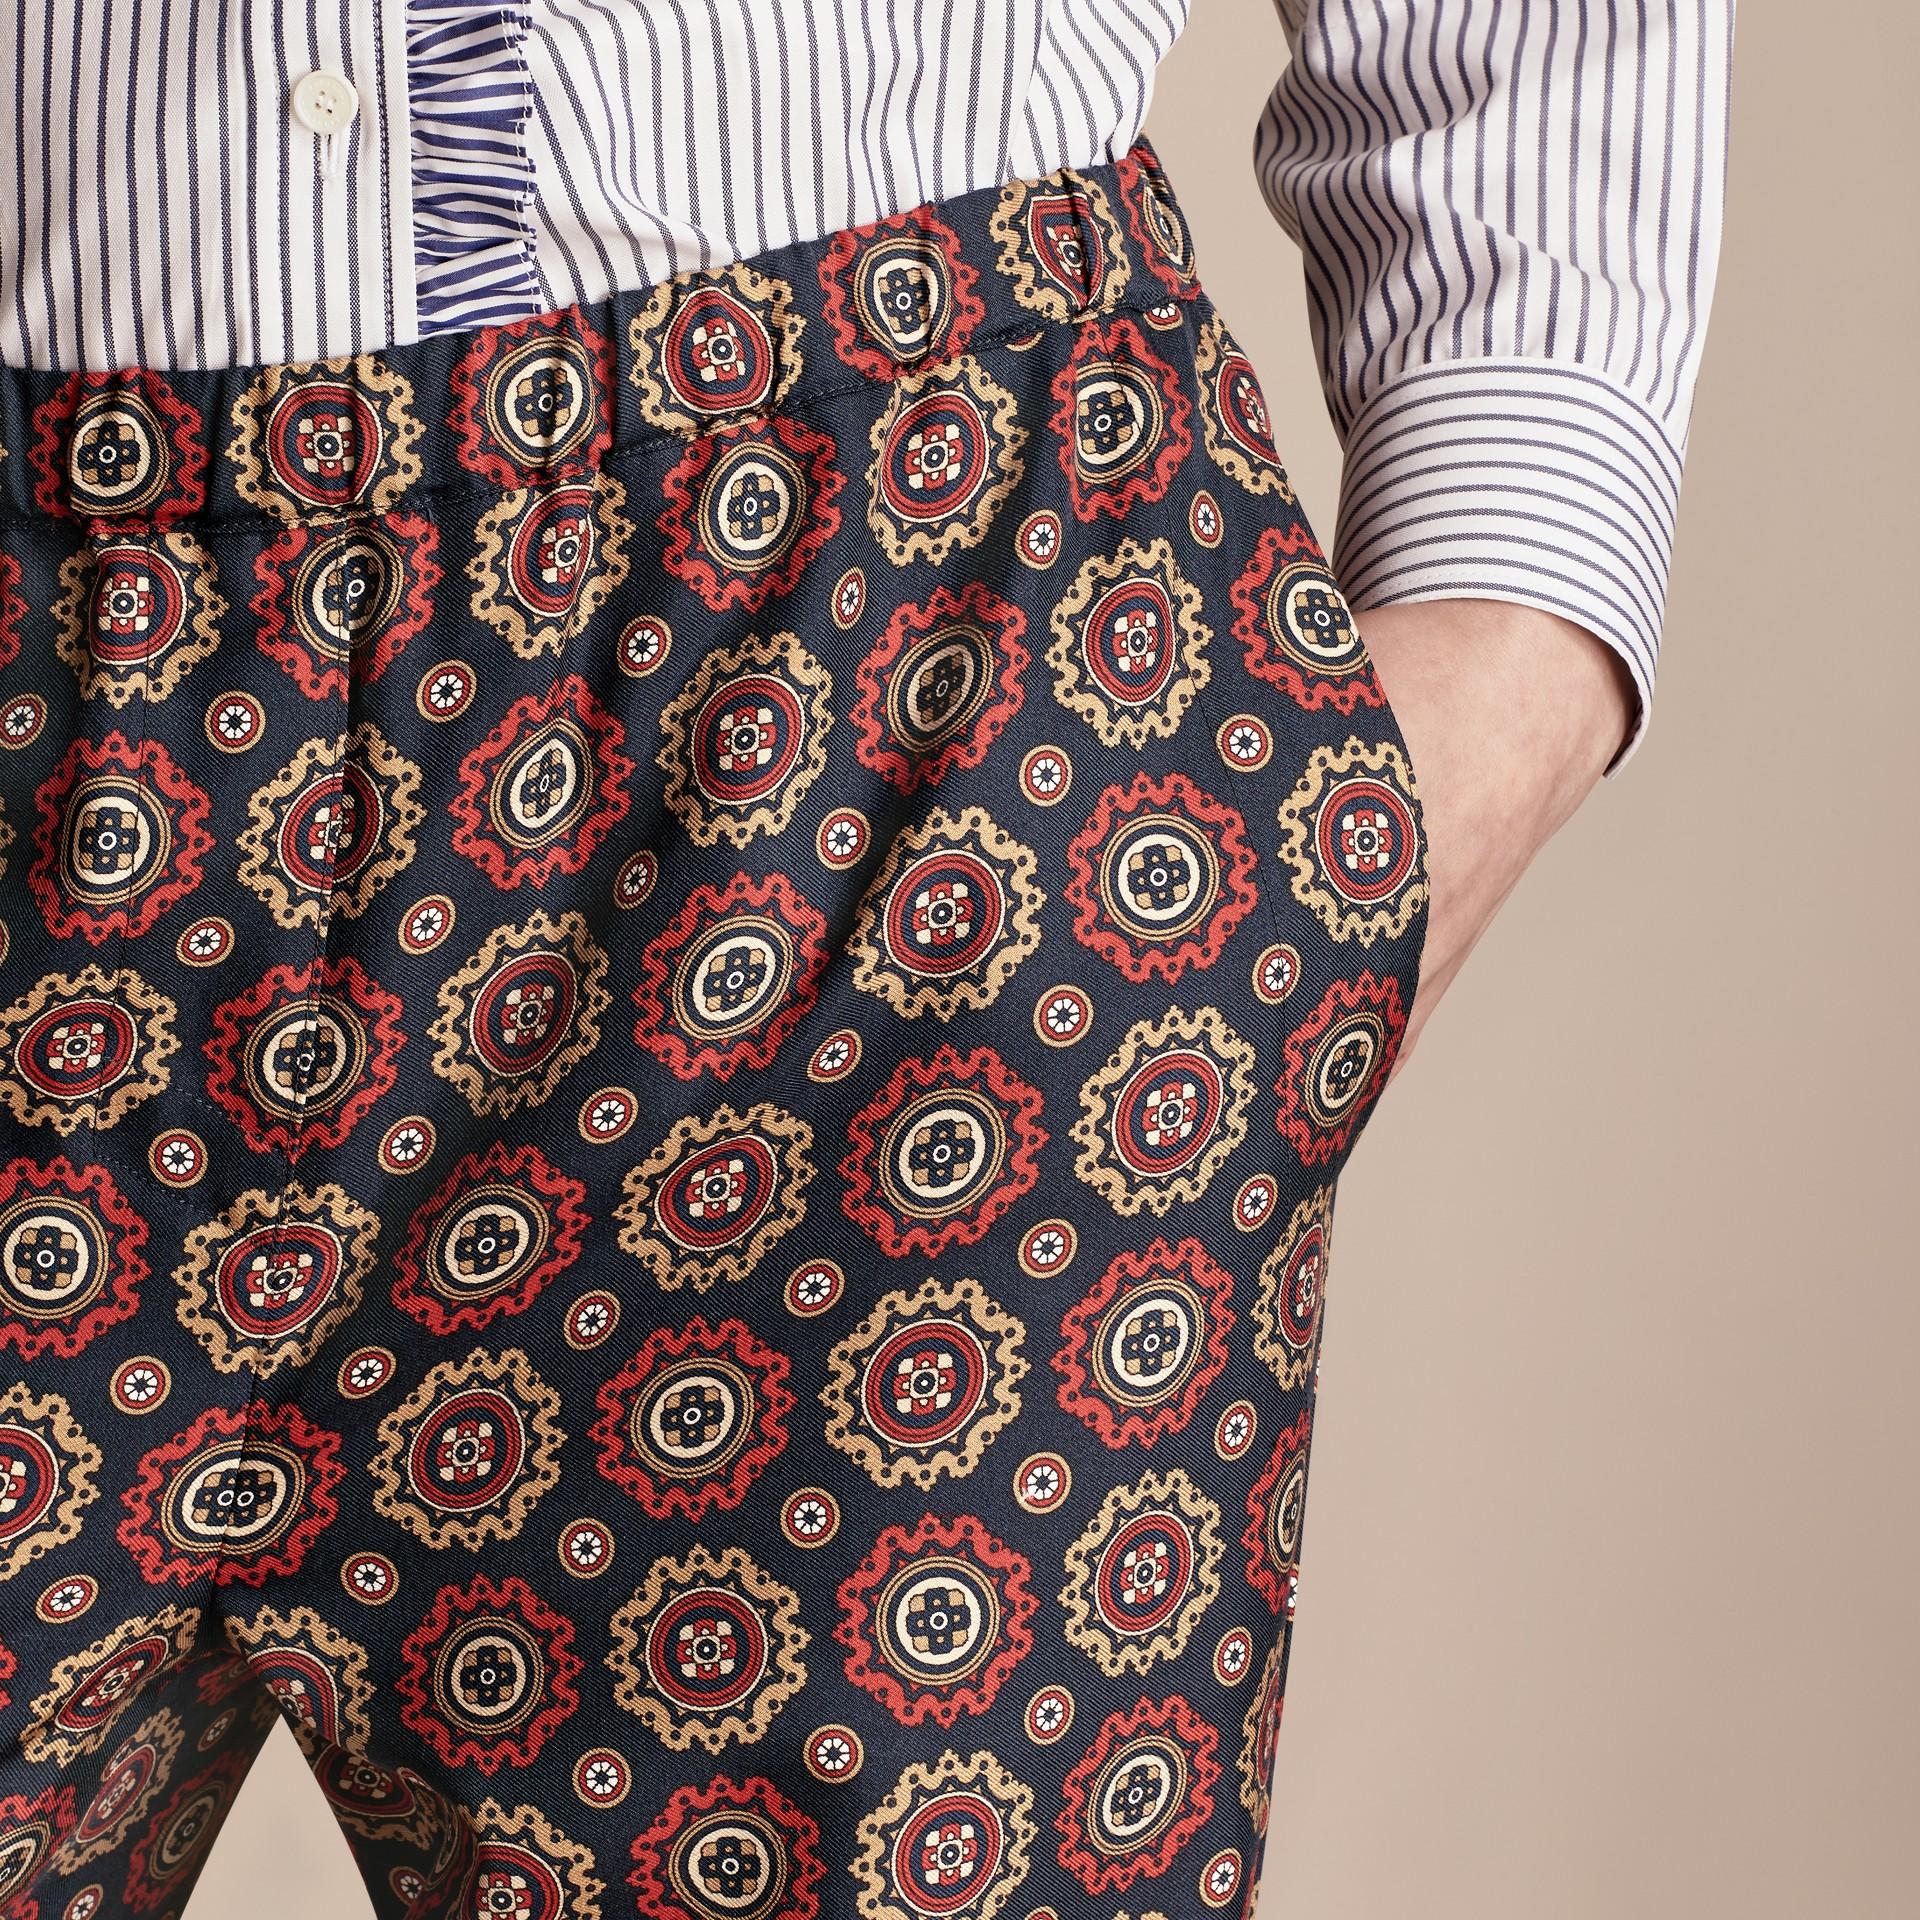 Azul marinho Calças estilo pijama curtas de sarja de seda estampadas - galeria de imagens 5